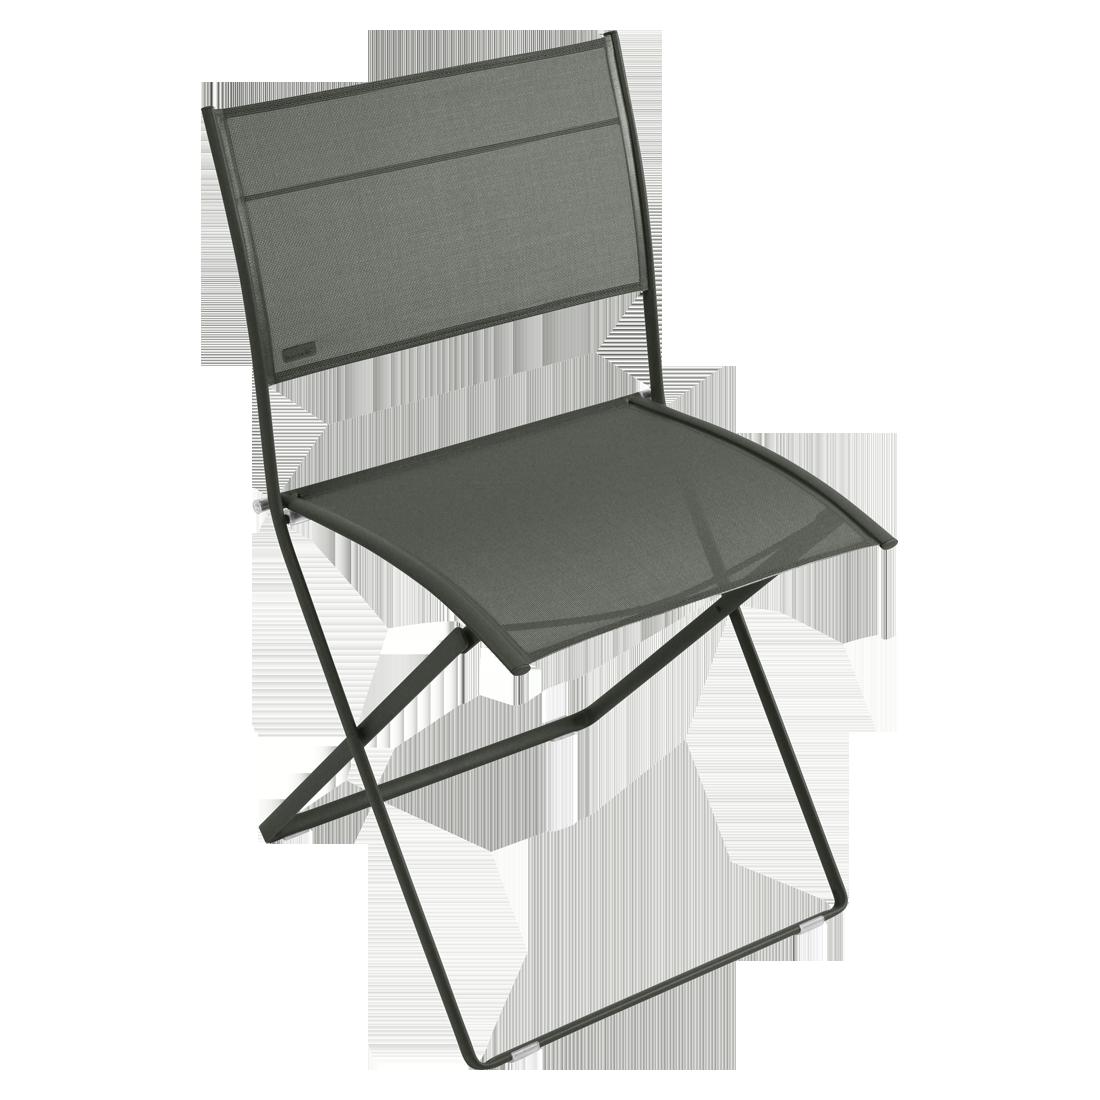 chaise en toile verte, chaise fermob en toile, chaise de jardin verte, chaise fermob verte